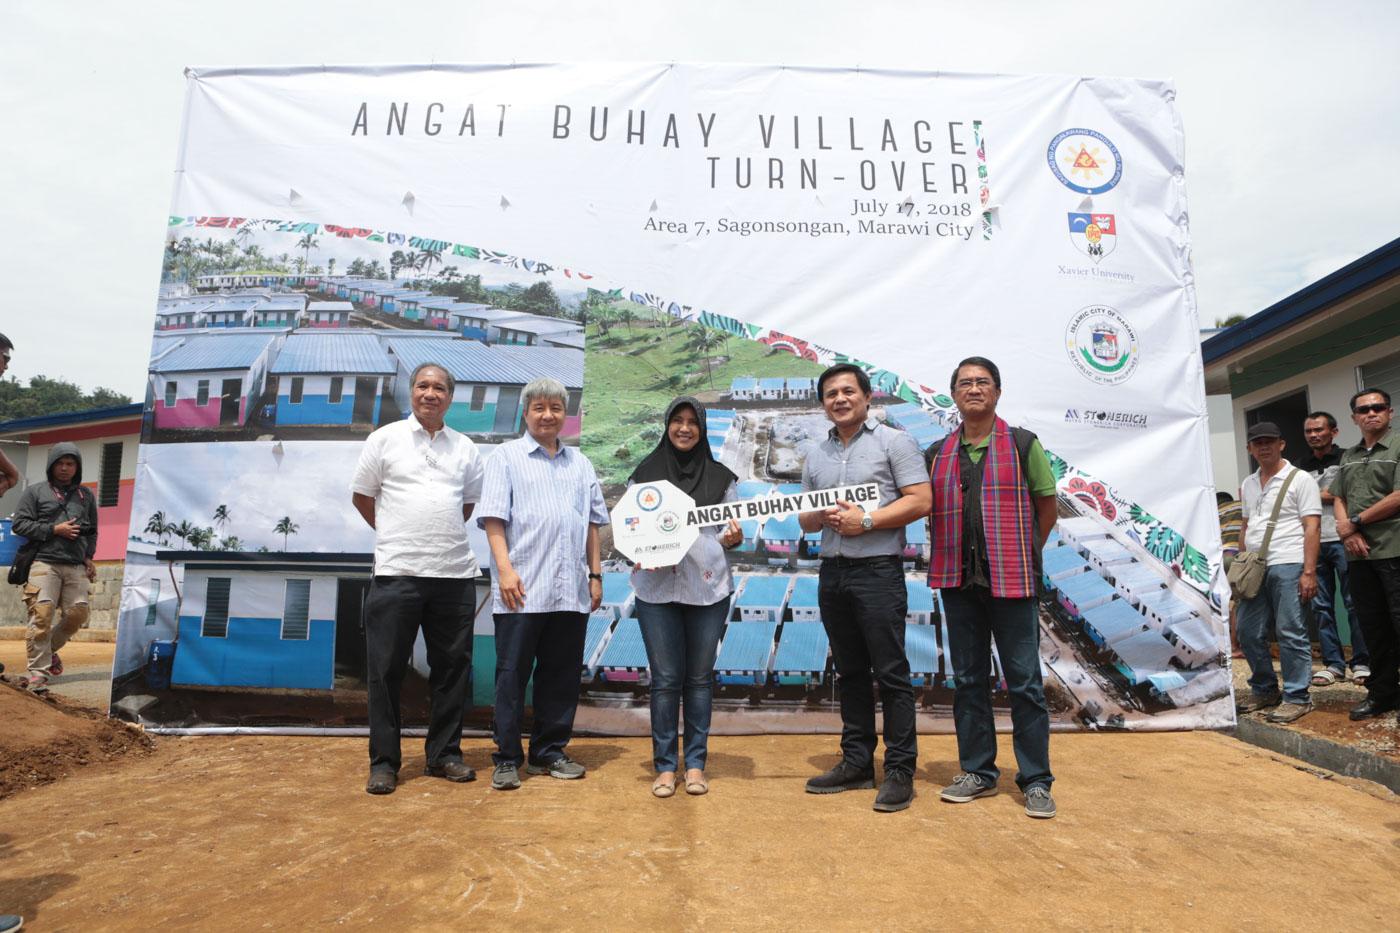 TURNOVER. Vice President Leni Robredo turns over the symbolic key to the Angat Buhay Village to Marawi City Mayor Majul Usman Gandamra. Photo from OVP